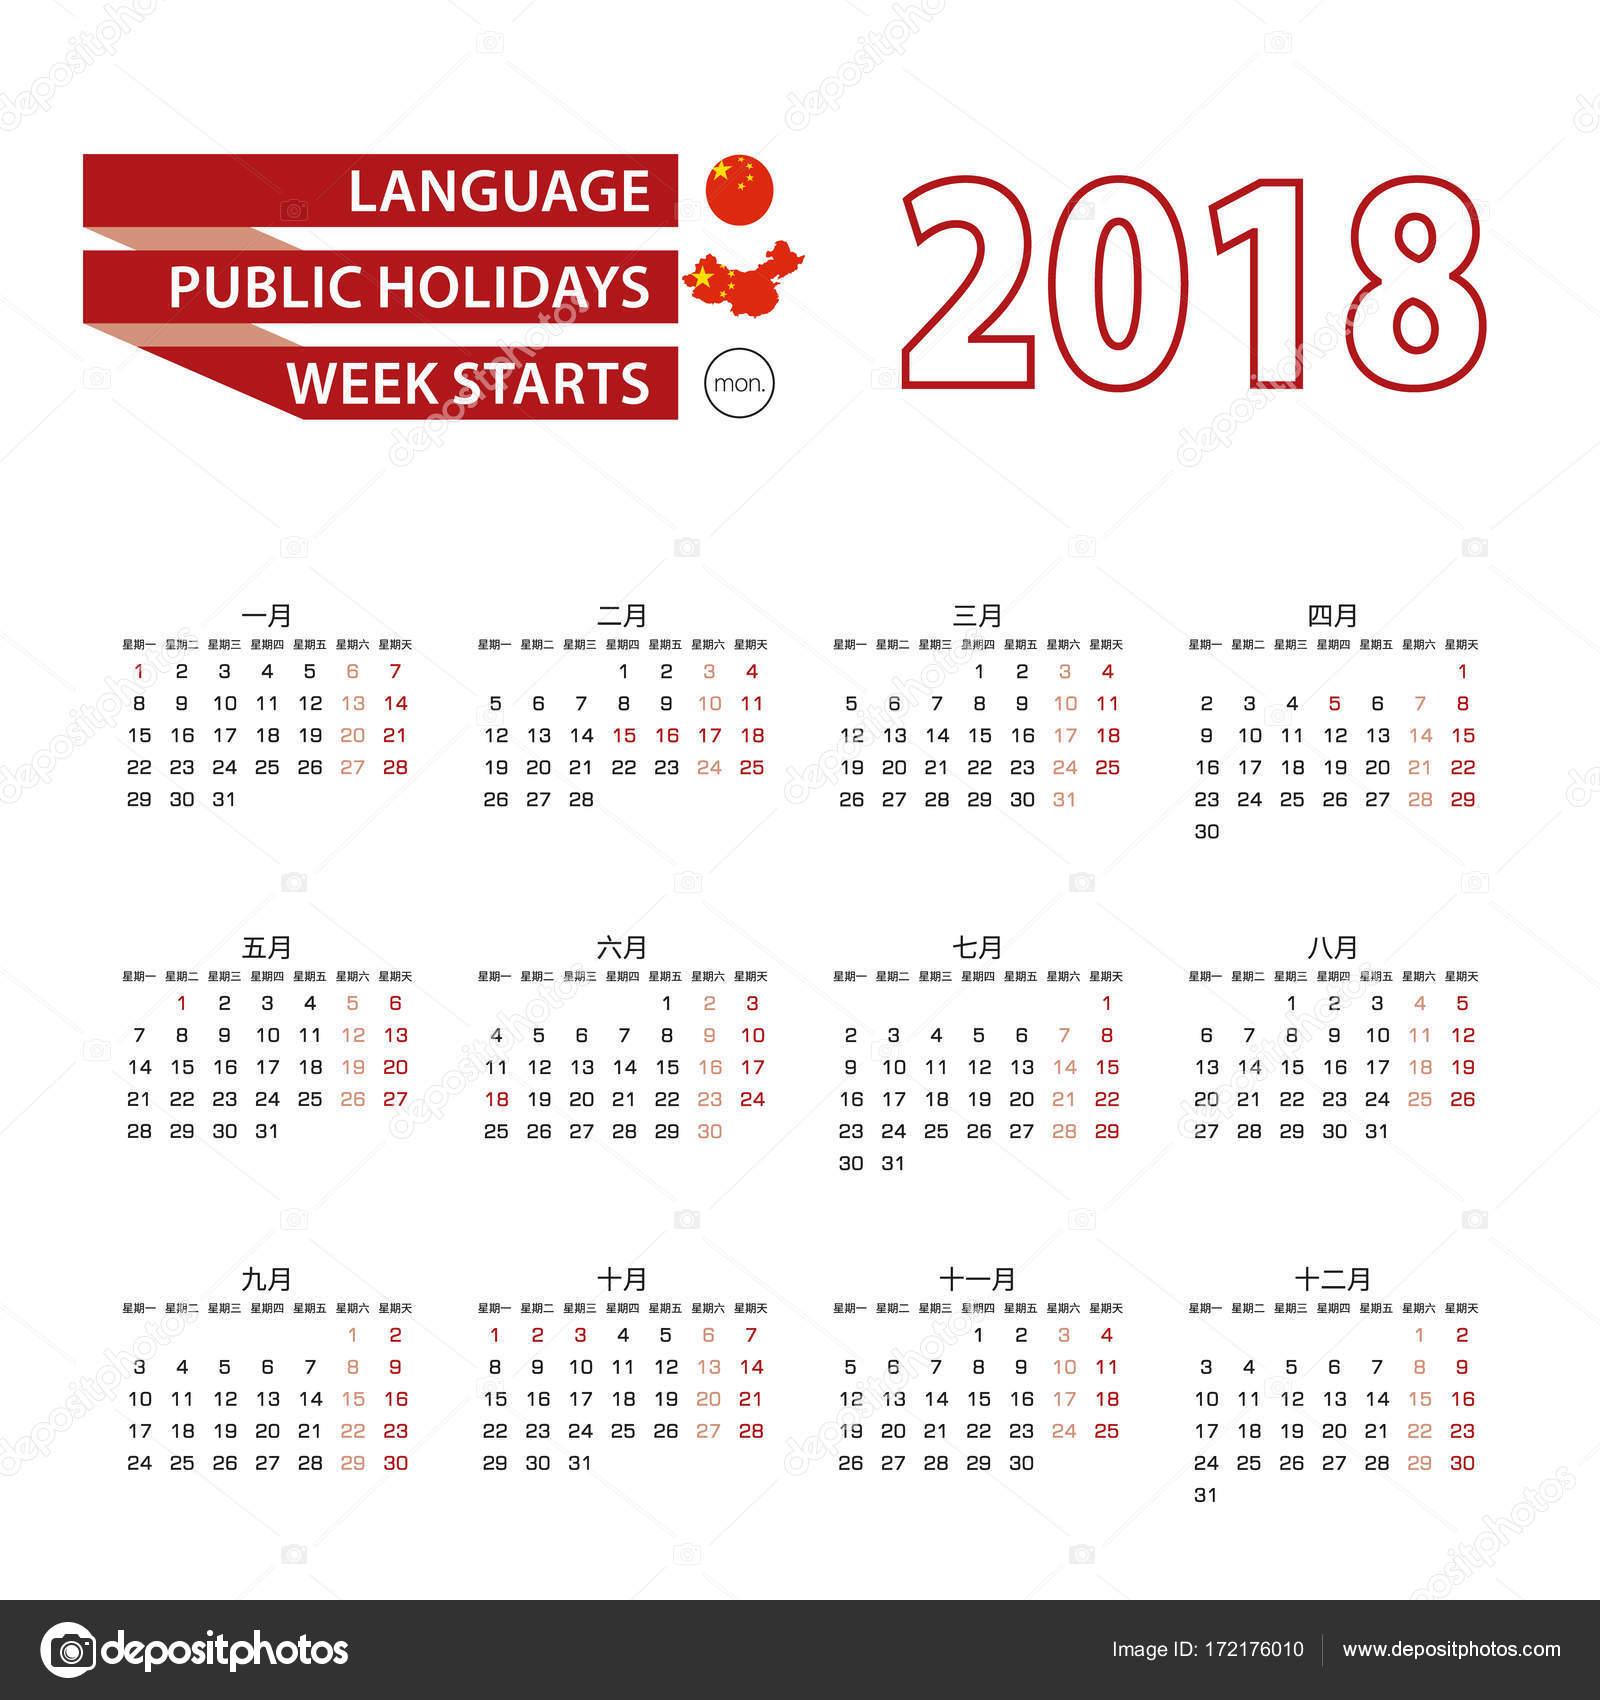 Календарь китайских праздников стратегия форекс 20 ema